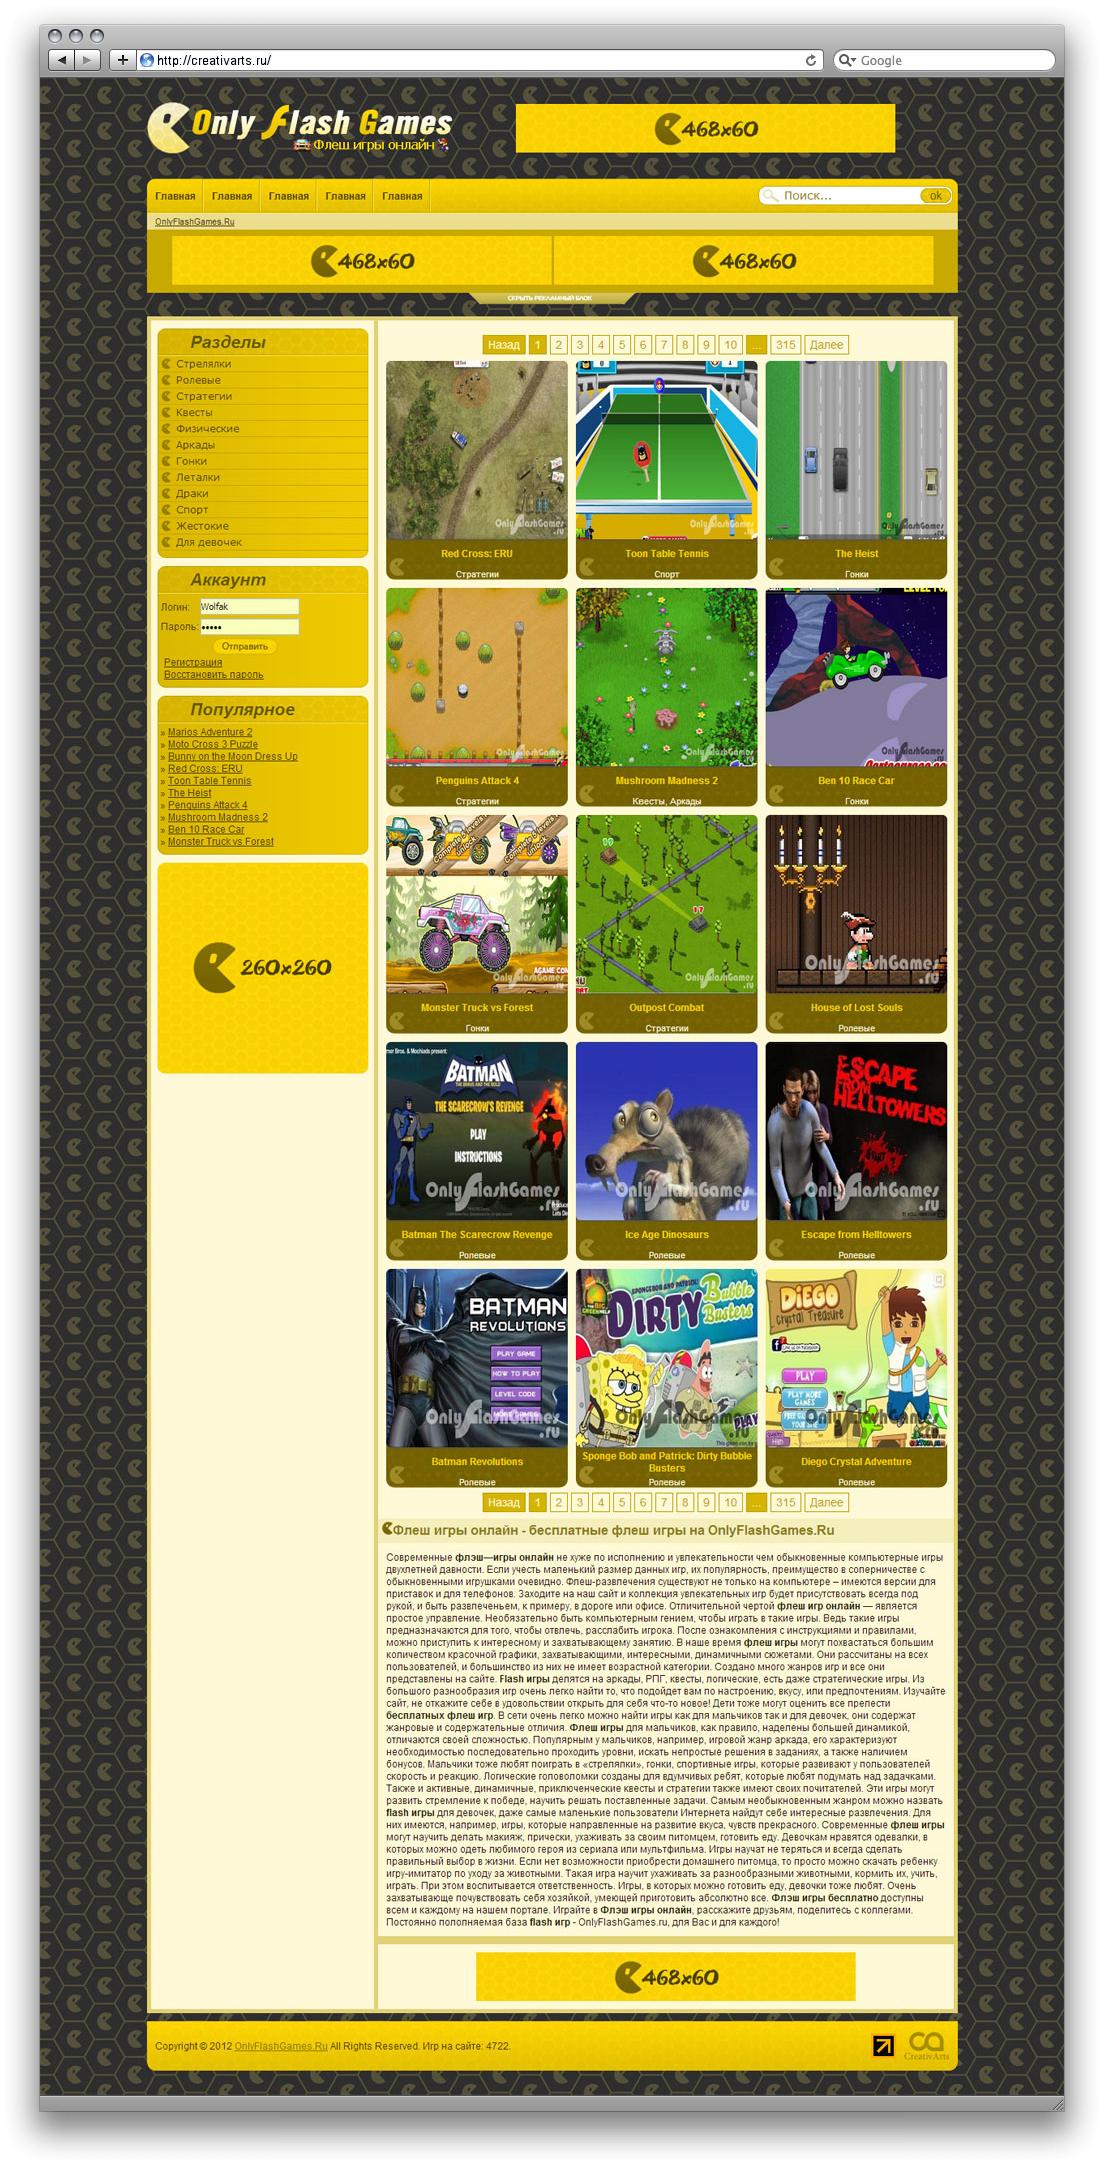 Дизайн для сайта о Flash играх